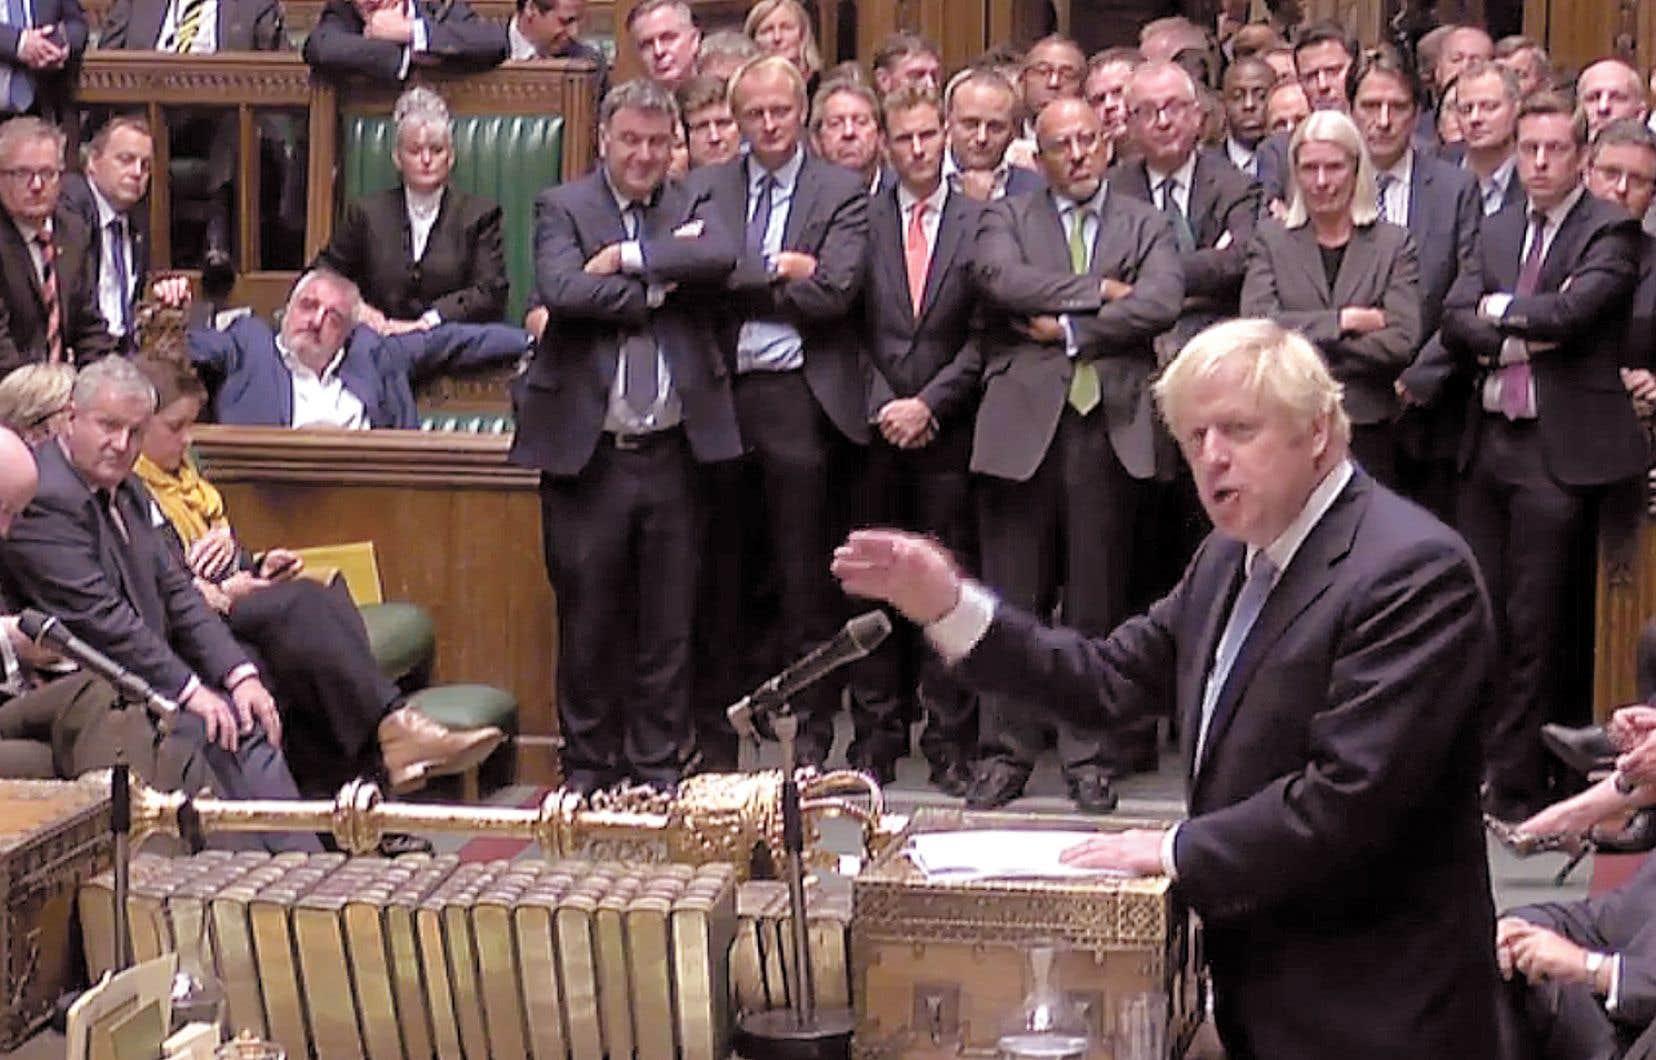 Le premier ministre britannique, Boris Johnson, a pris la parole à la Chambre des communes, tard lundi soir, après que les élus eurent refusé la tenue d'élections anticipées.